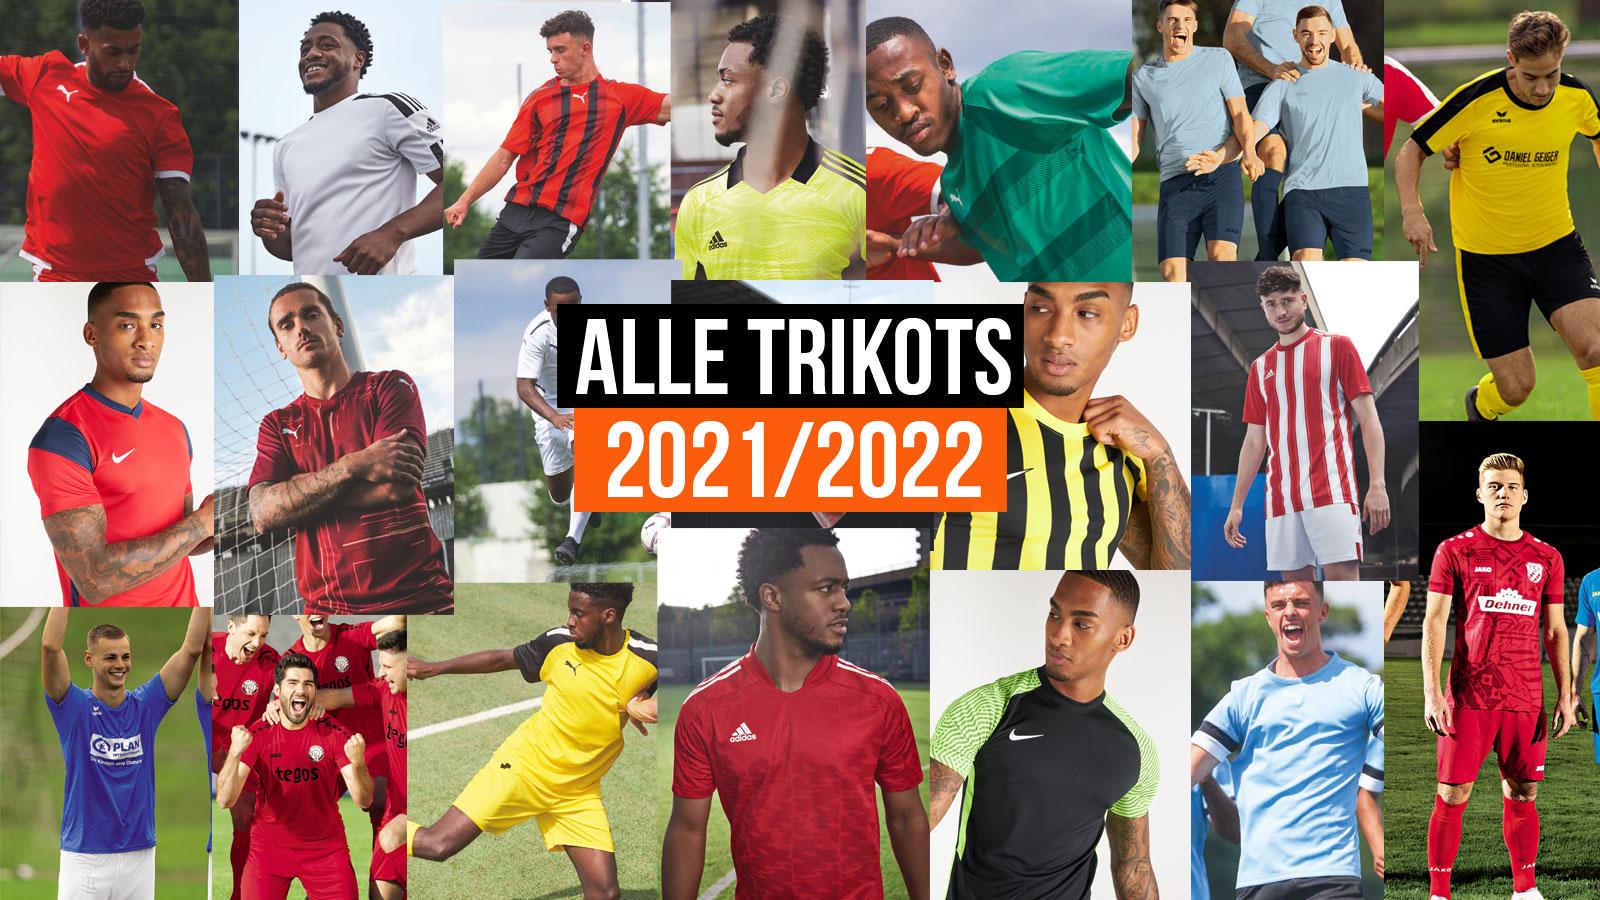 alle Trikots für 2021/2022 von adidas, nike, puma, jako und erima